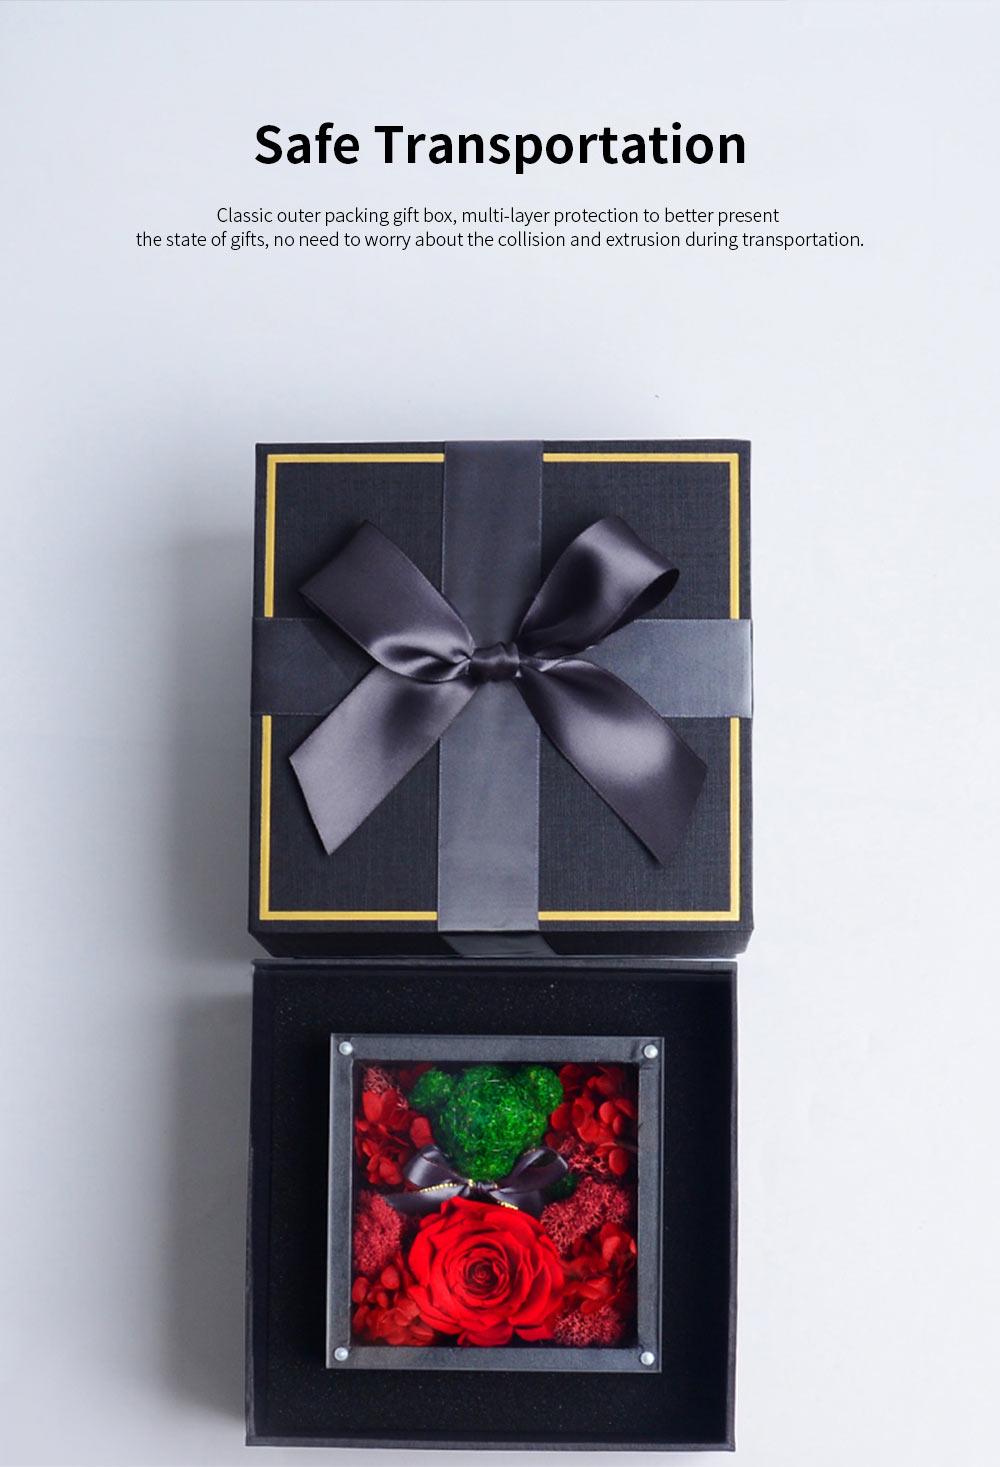 Eternal Rose with Gift Box Forever Blossom Flower for Love Ones Artificial Eternal Life Flower Gift for Mom Lover Girlfriend 7